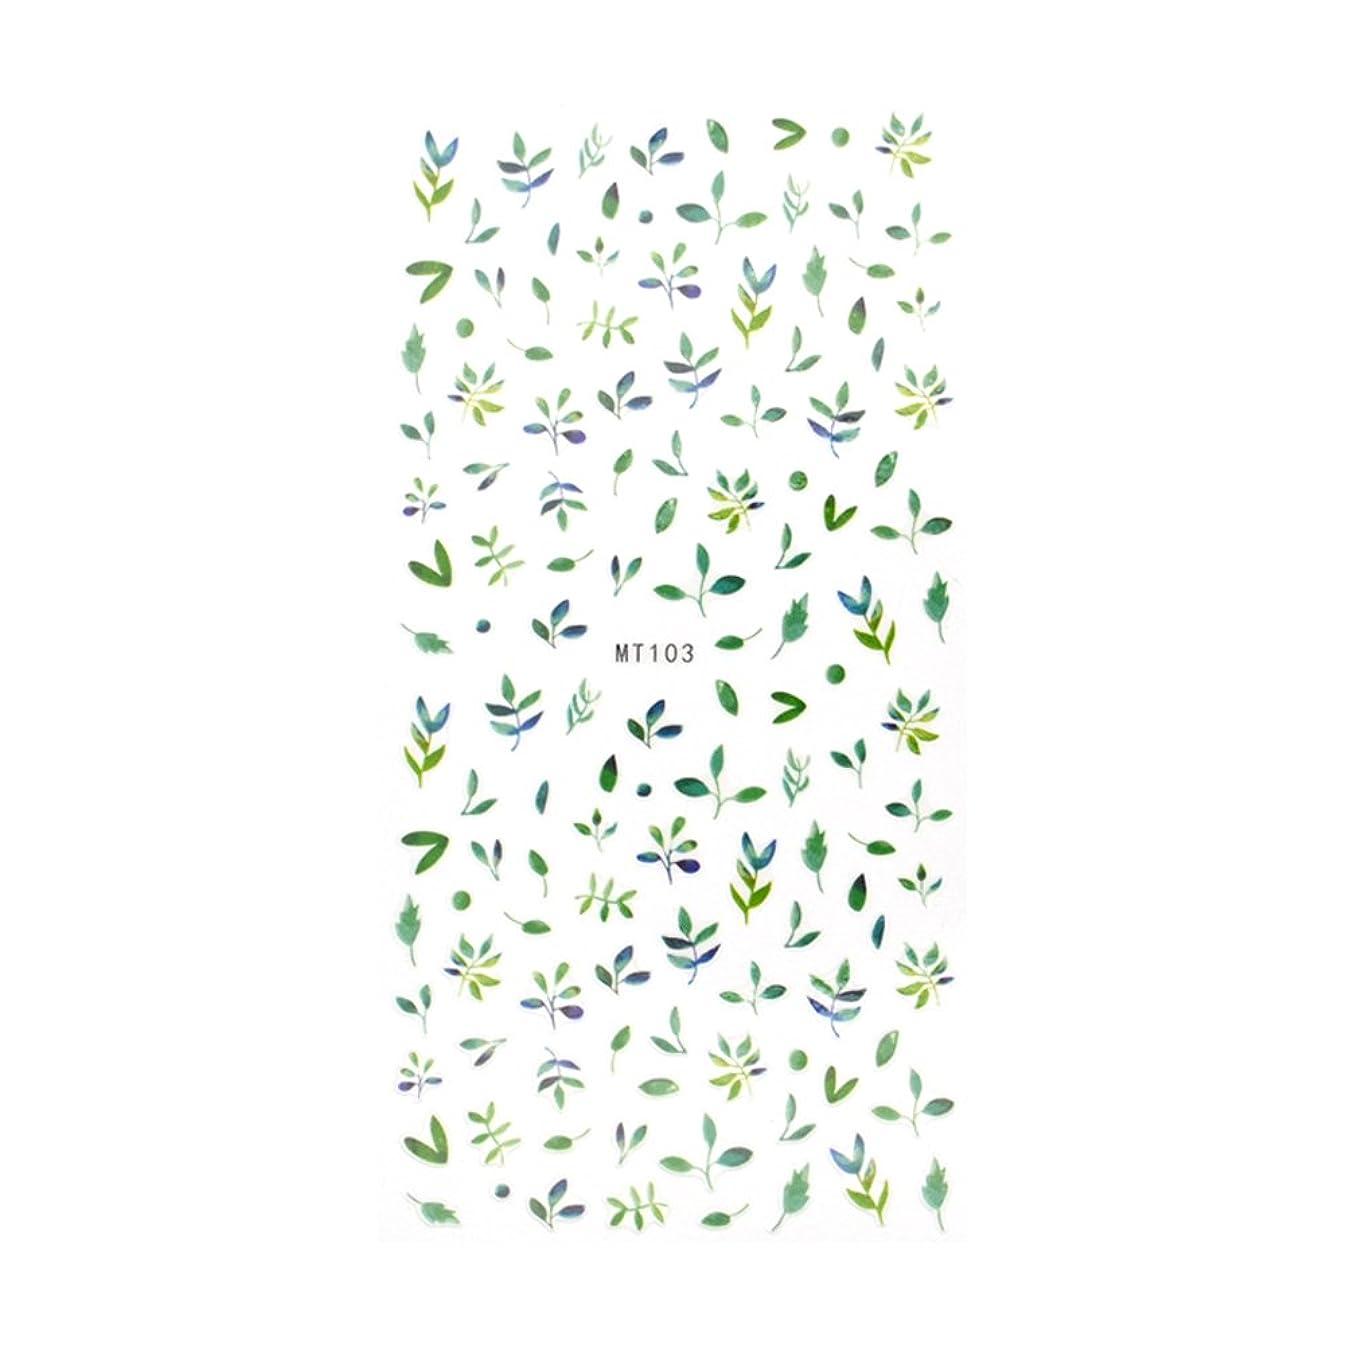 評価する下線同種の【MT103】グリーンリーフネイルシール リーフ 葉 ジェルネイル シール 緑 植物 ボタニカル